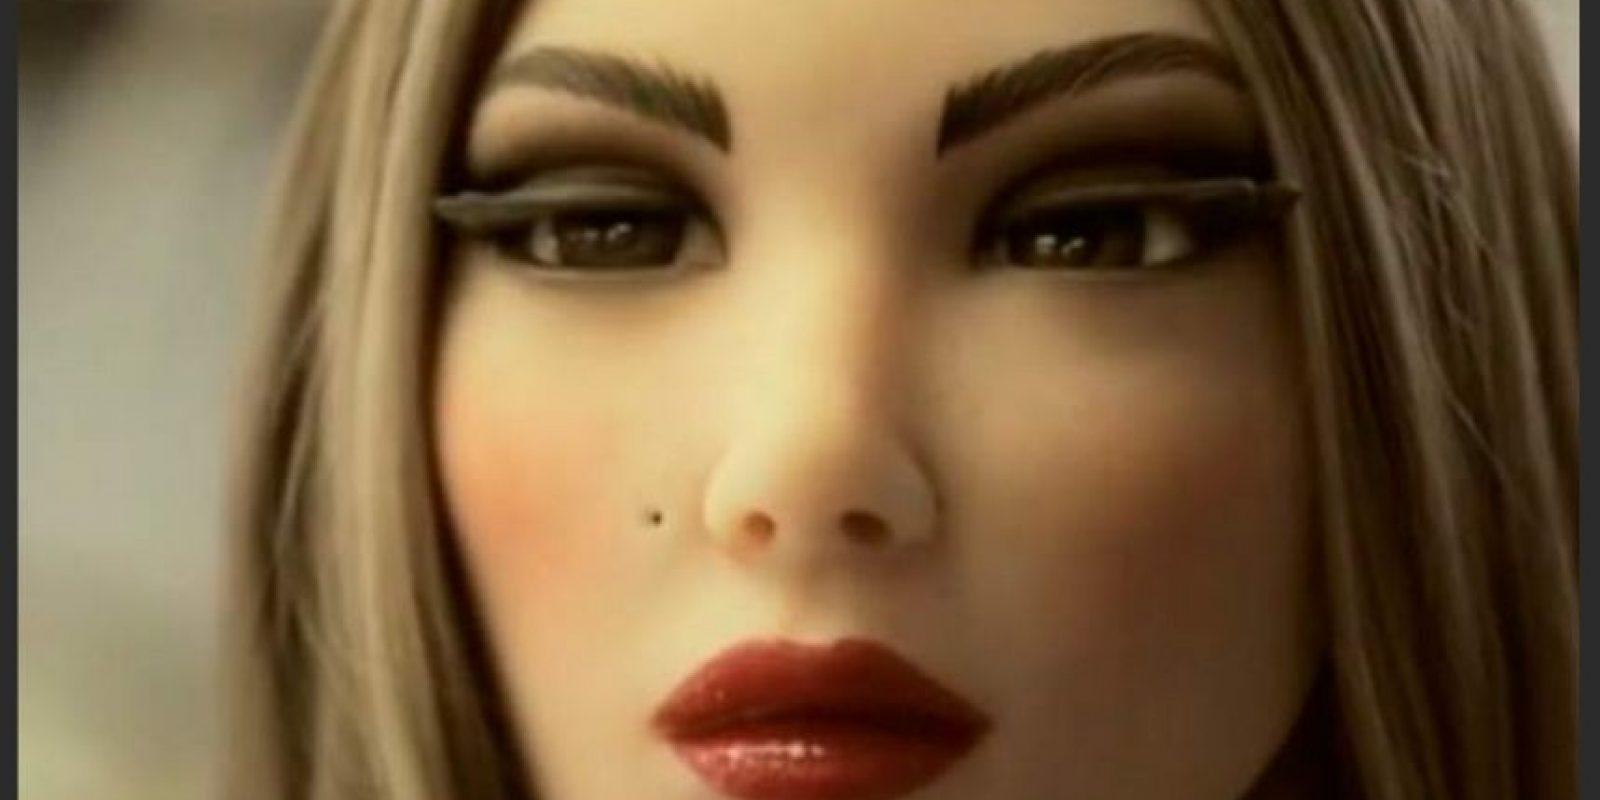 Con el final del siglo XX la era de los sensores tambien renovaría el sector de los robots sexuales. Con esta tecnología se buscó la sensación como complemento de un cuerpo artificial, deseable y atractivo Foto:Imgur